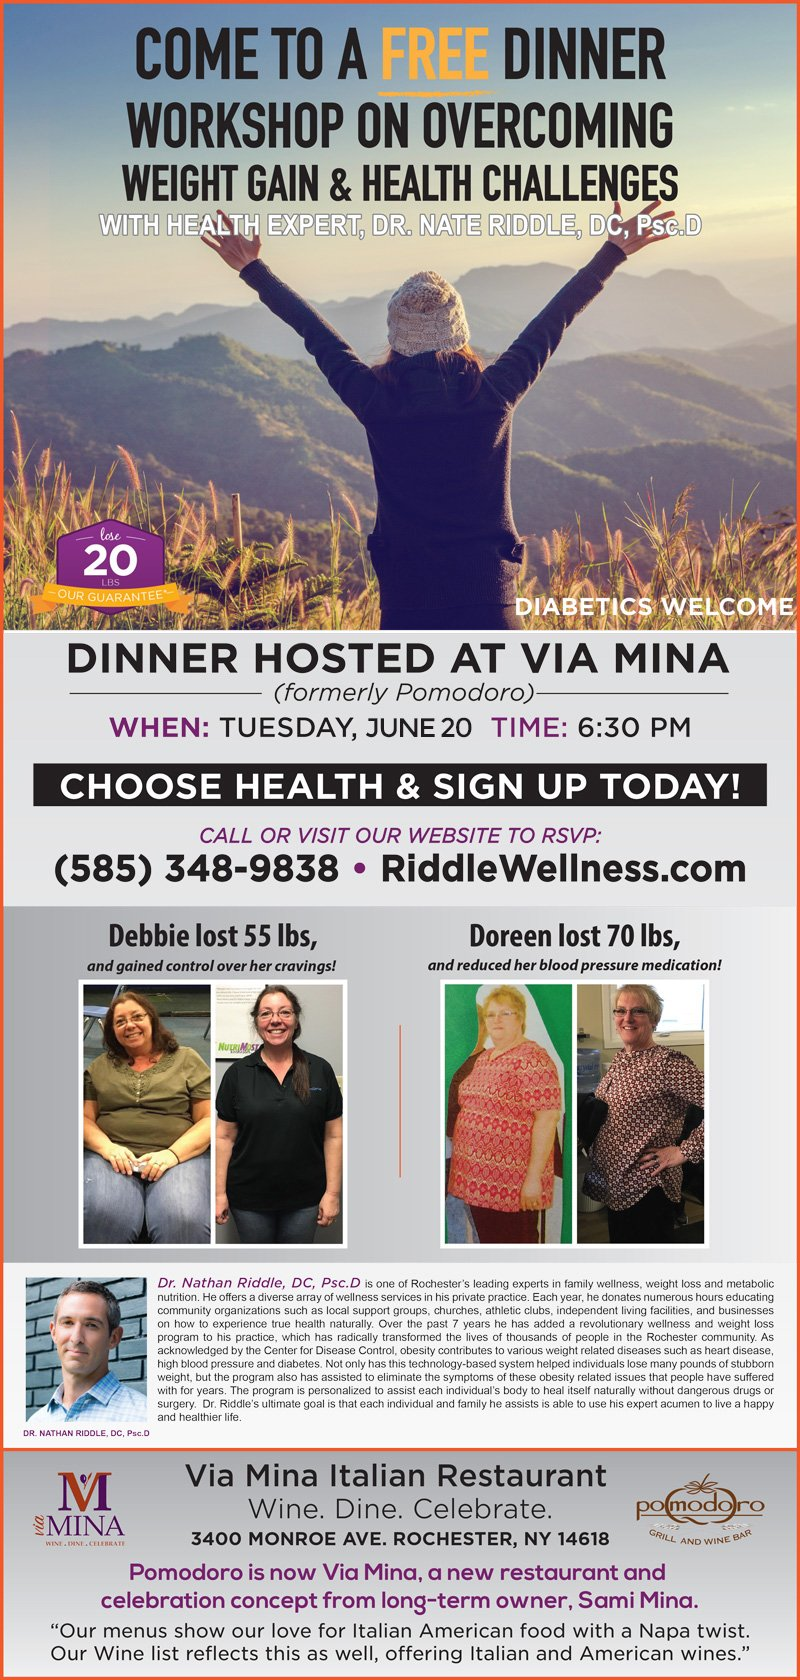 Free Dinner June 20, 2017